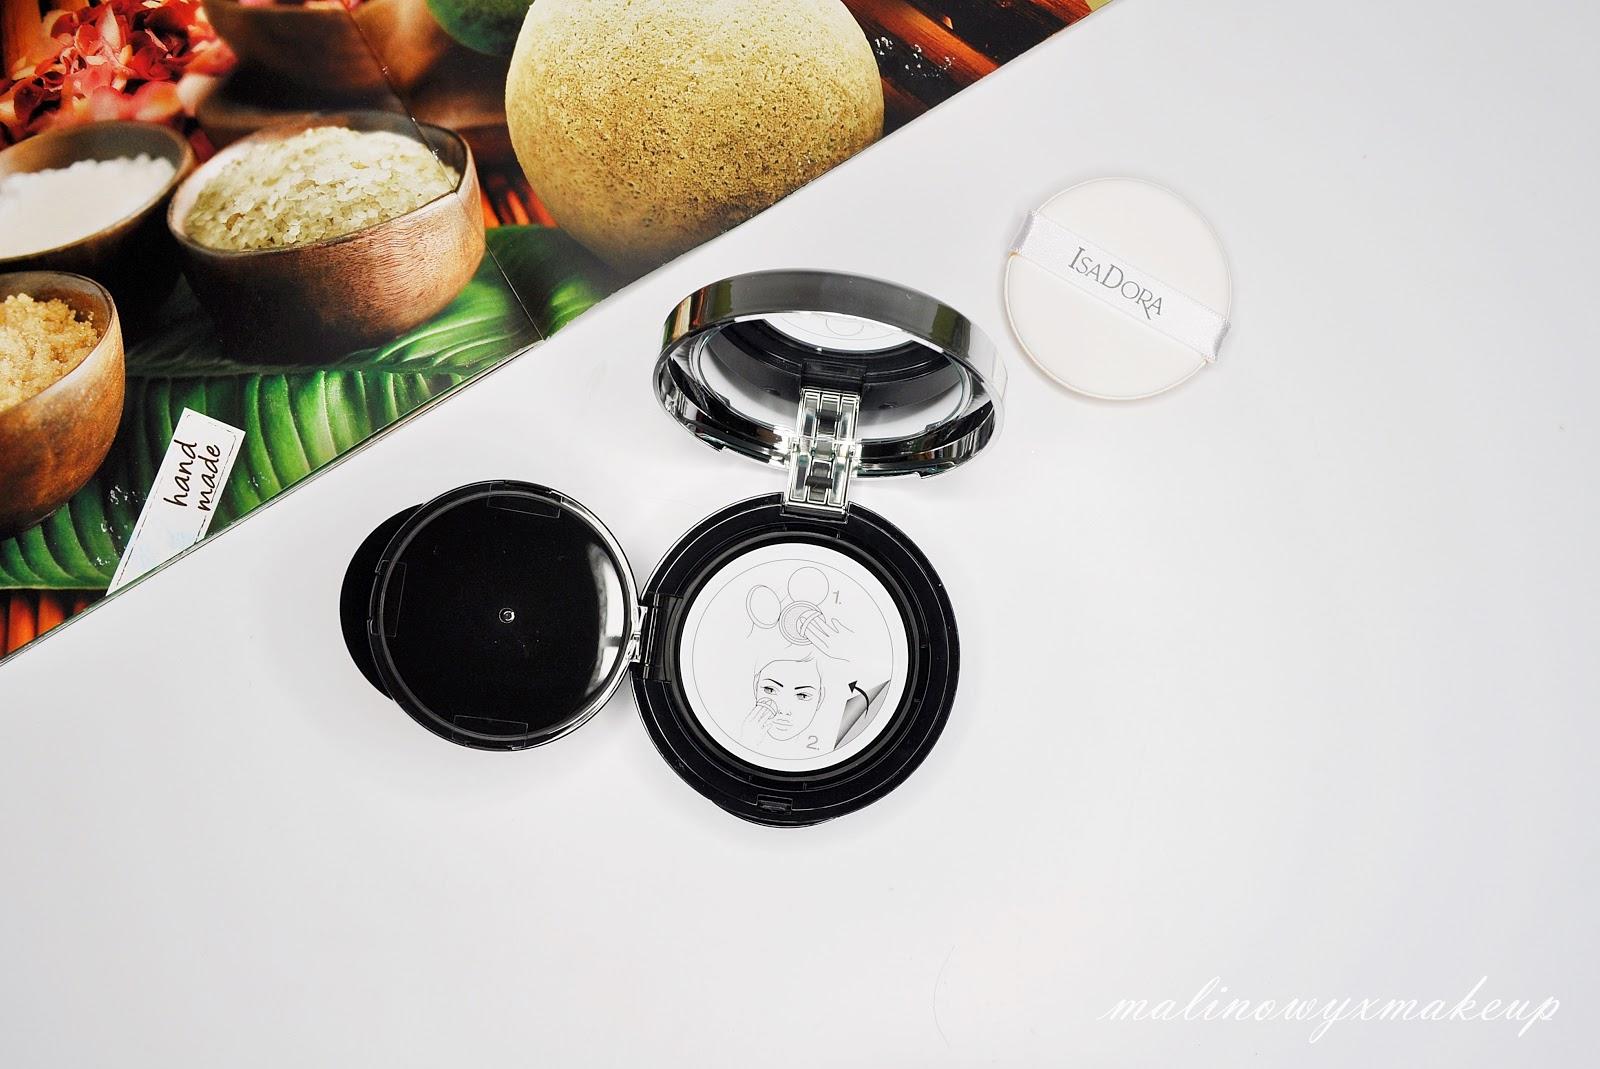 isadora nude cushion foundation podkład 13 nude beige podkład w poduszeczce swatch swatche porównanie